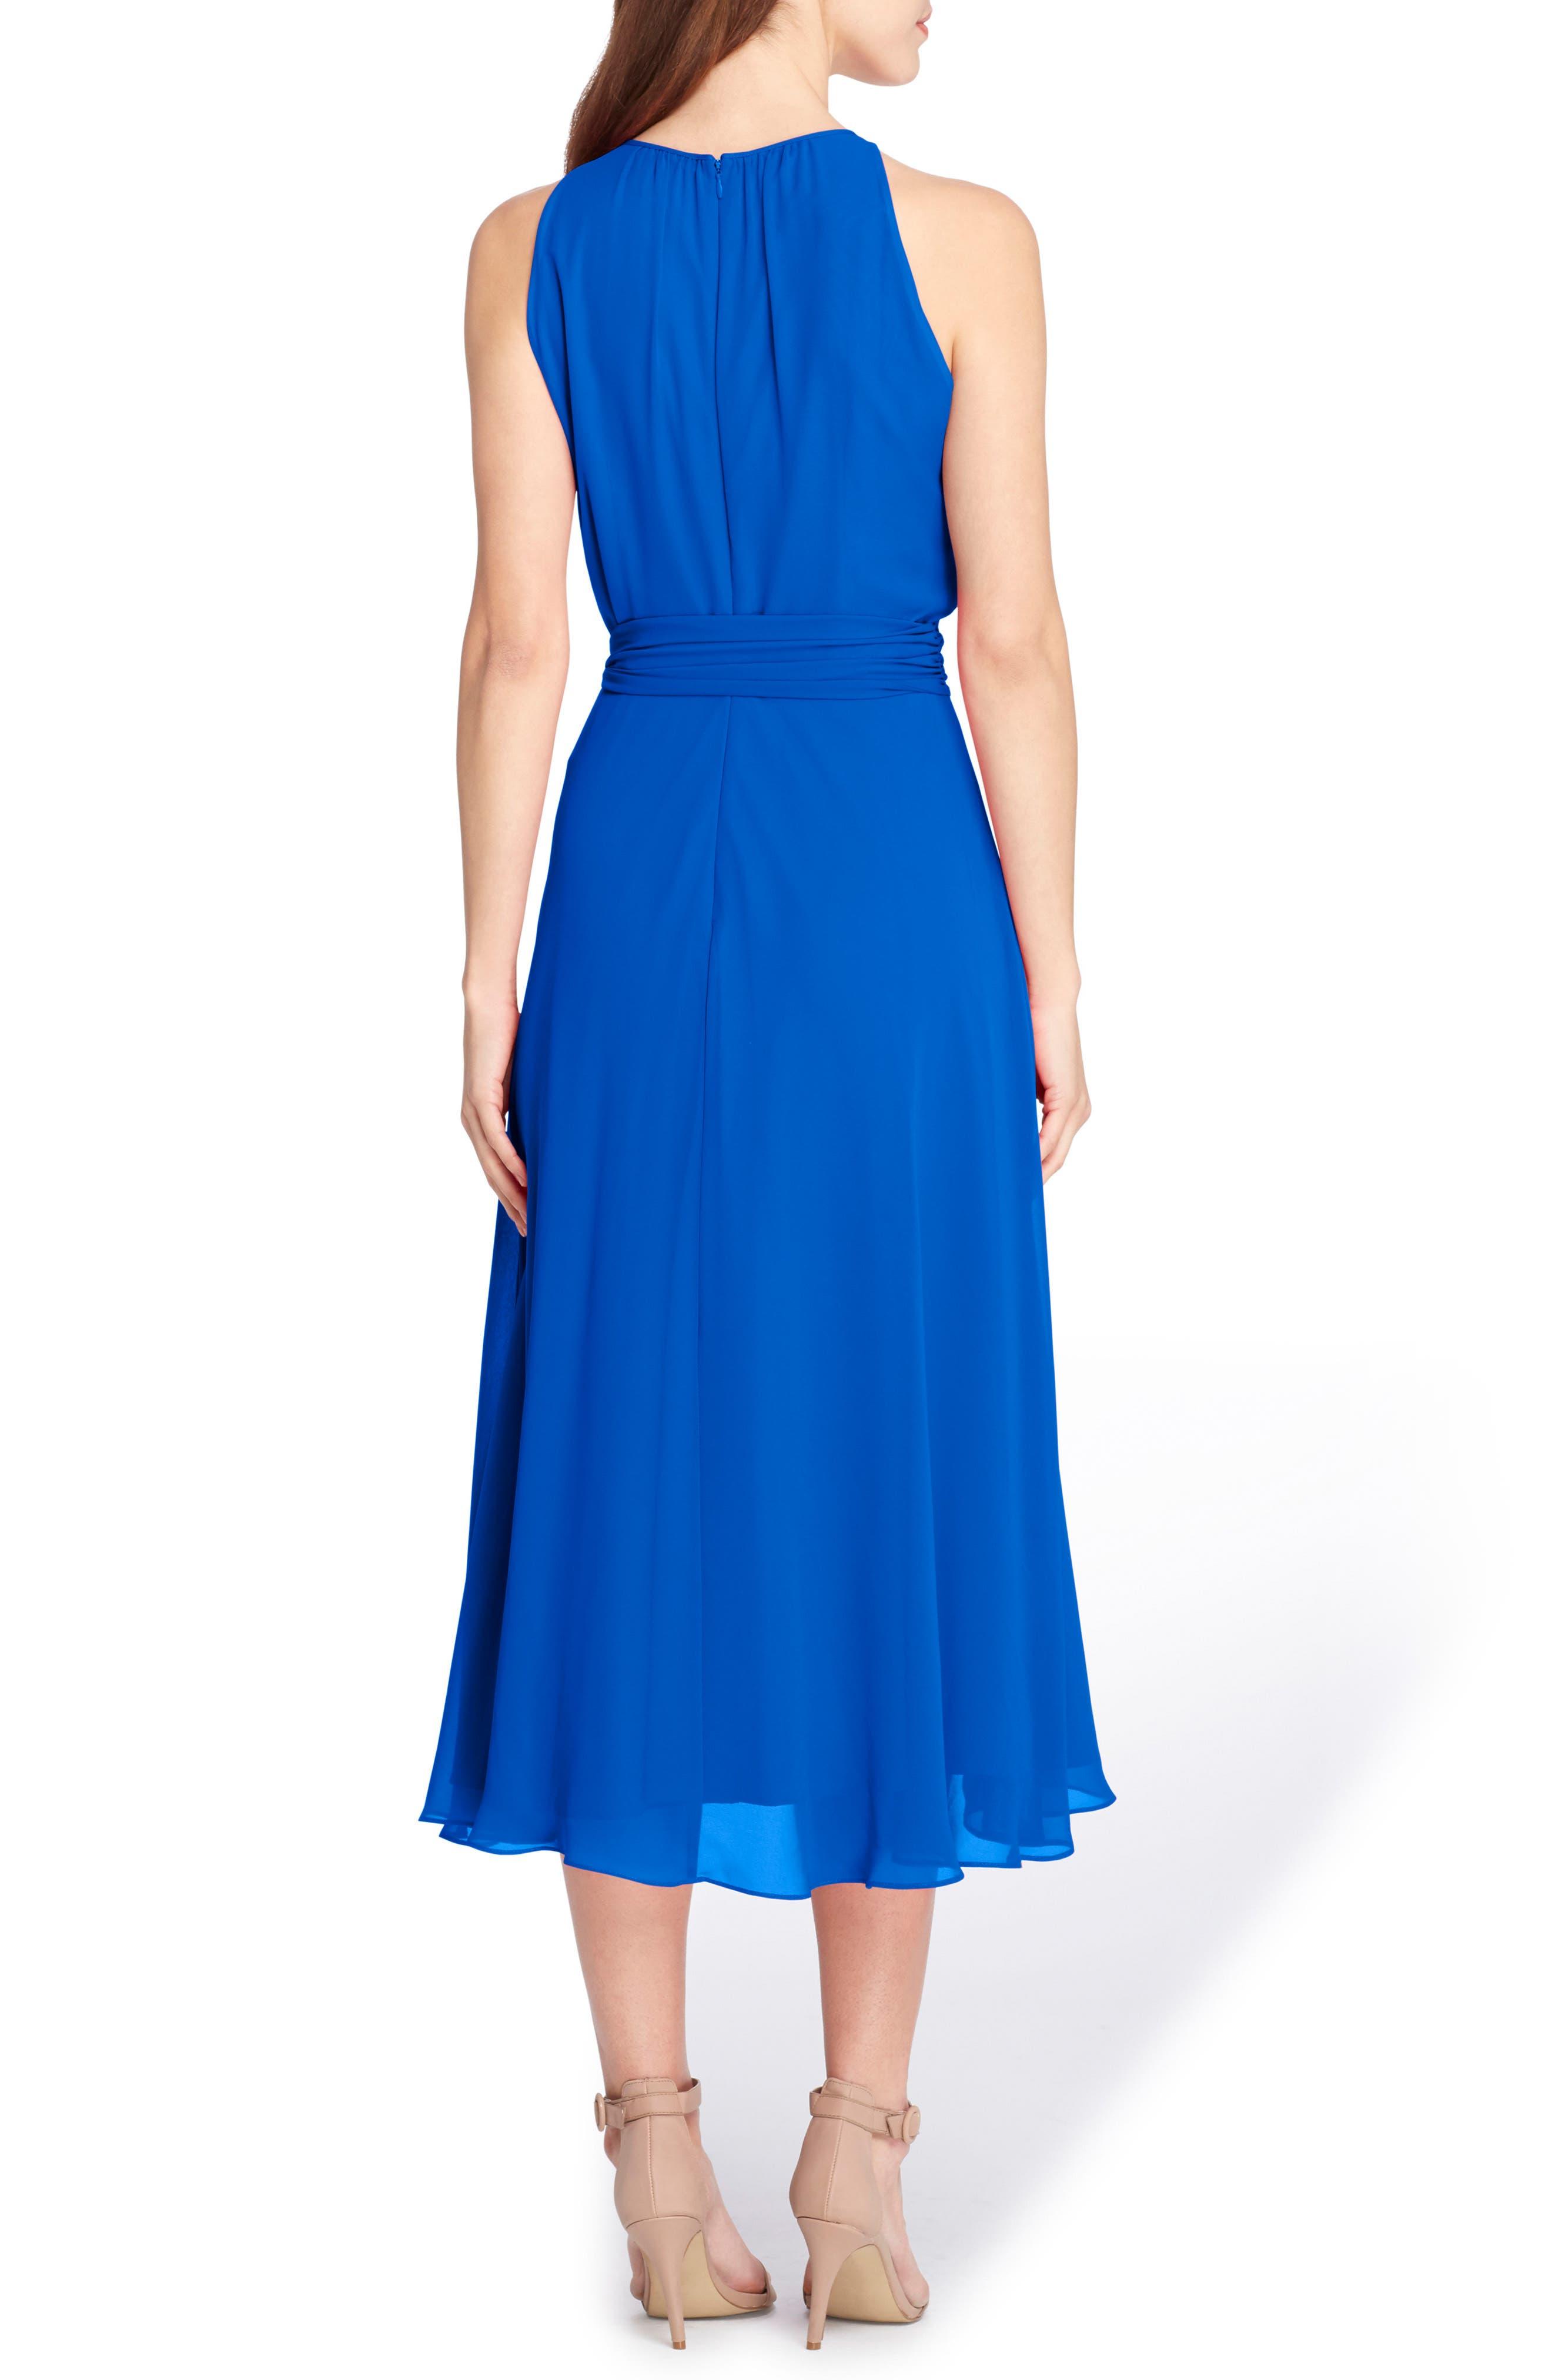 Midi Fit & Flare Dress,                             Alternate thumbnail 2, color,                             Neon Royal